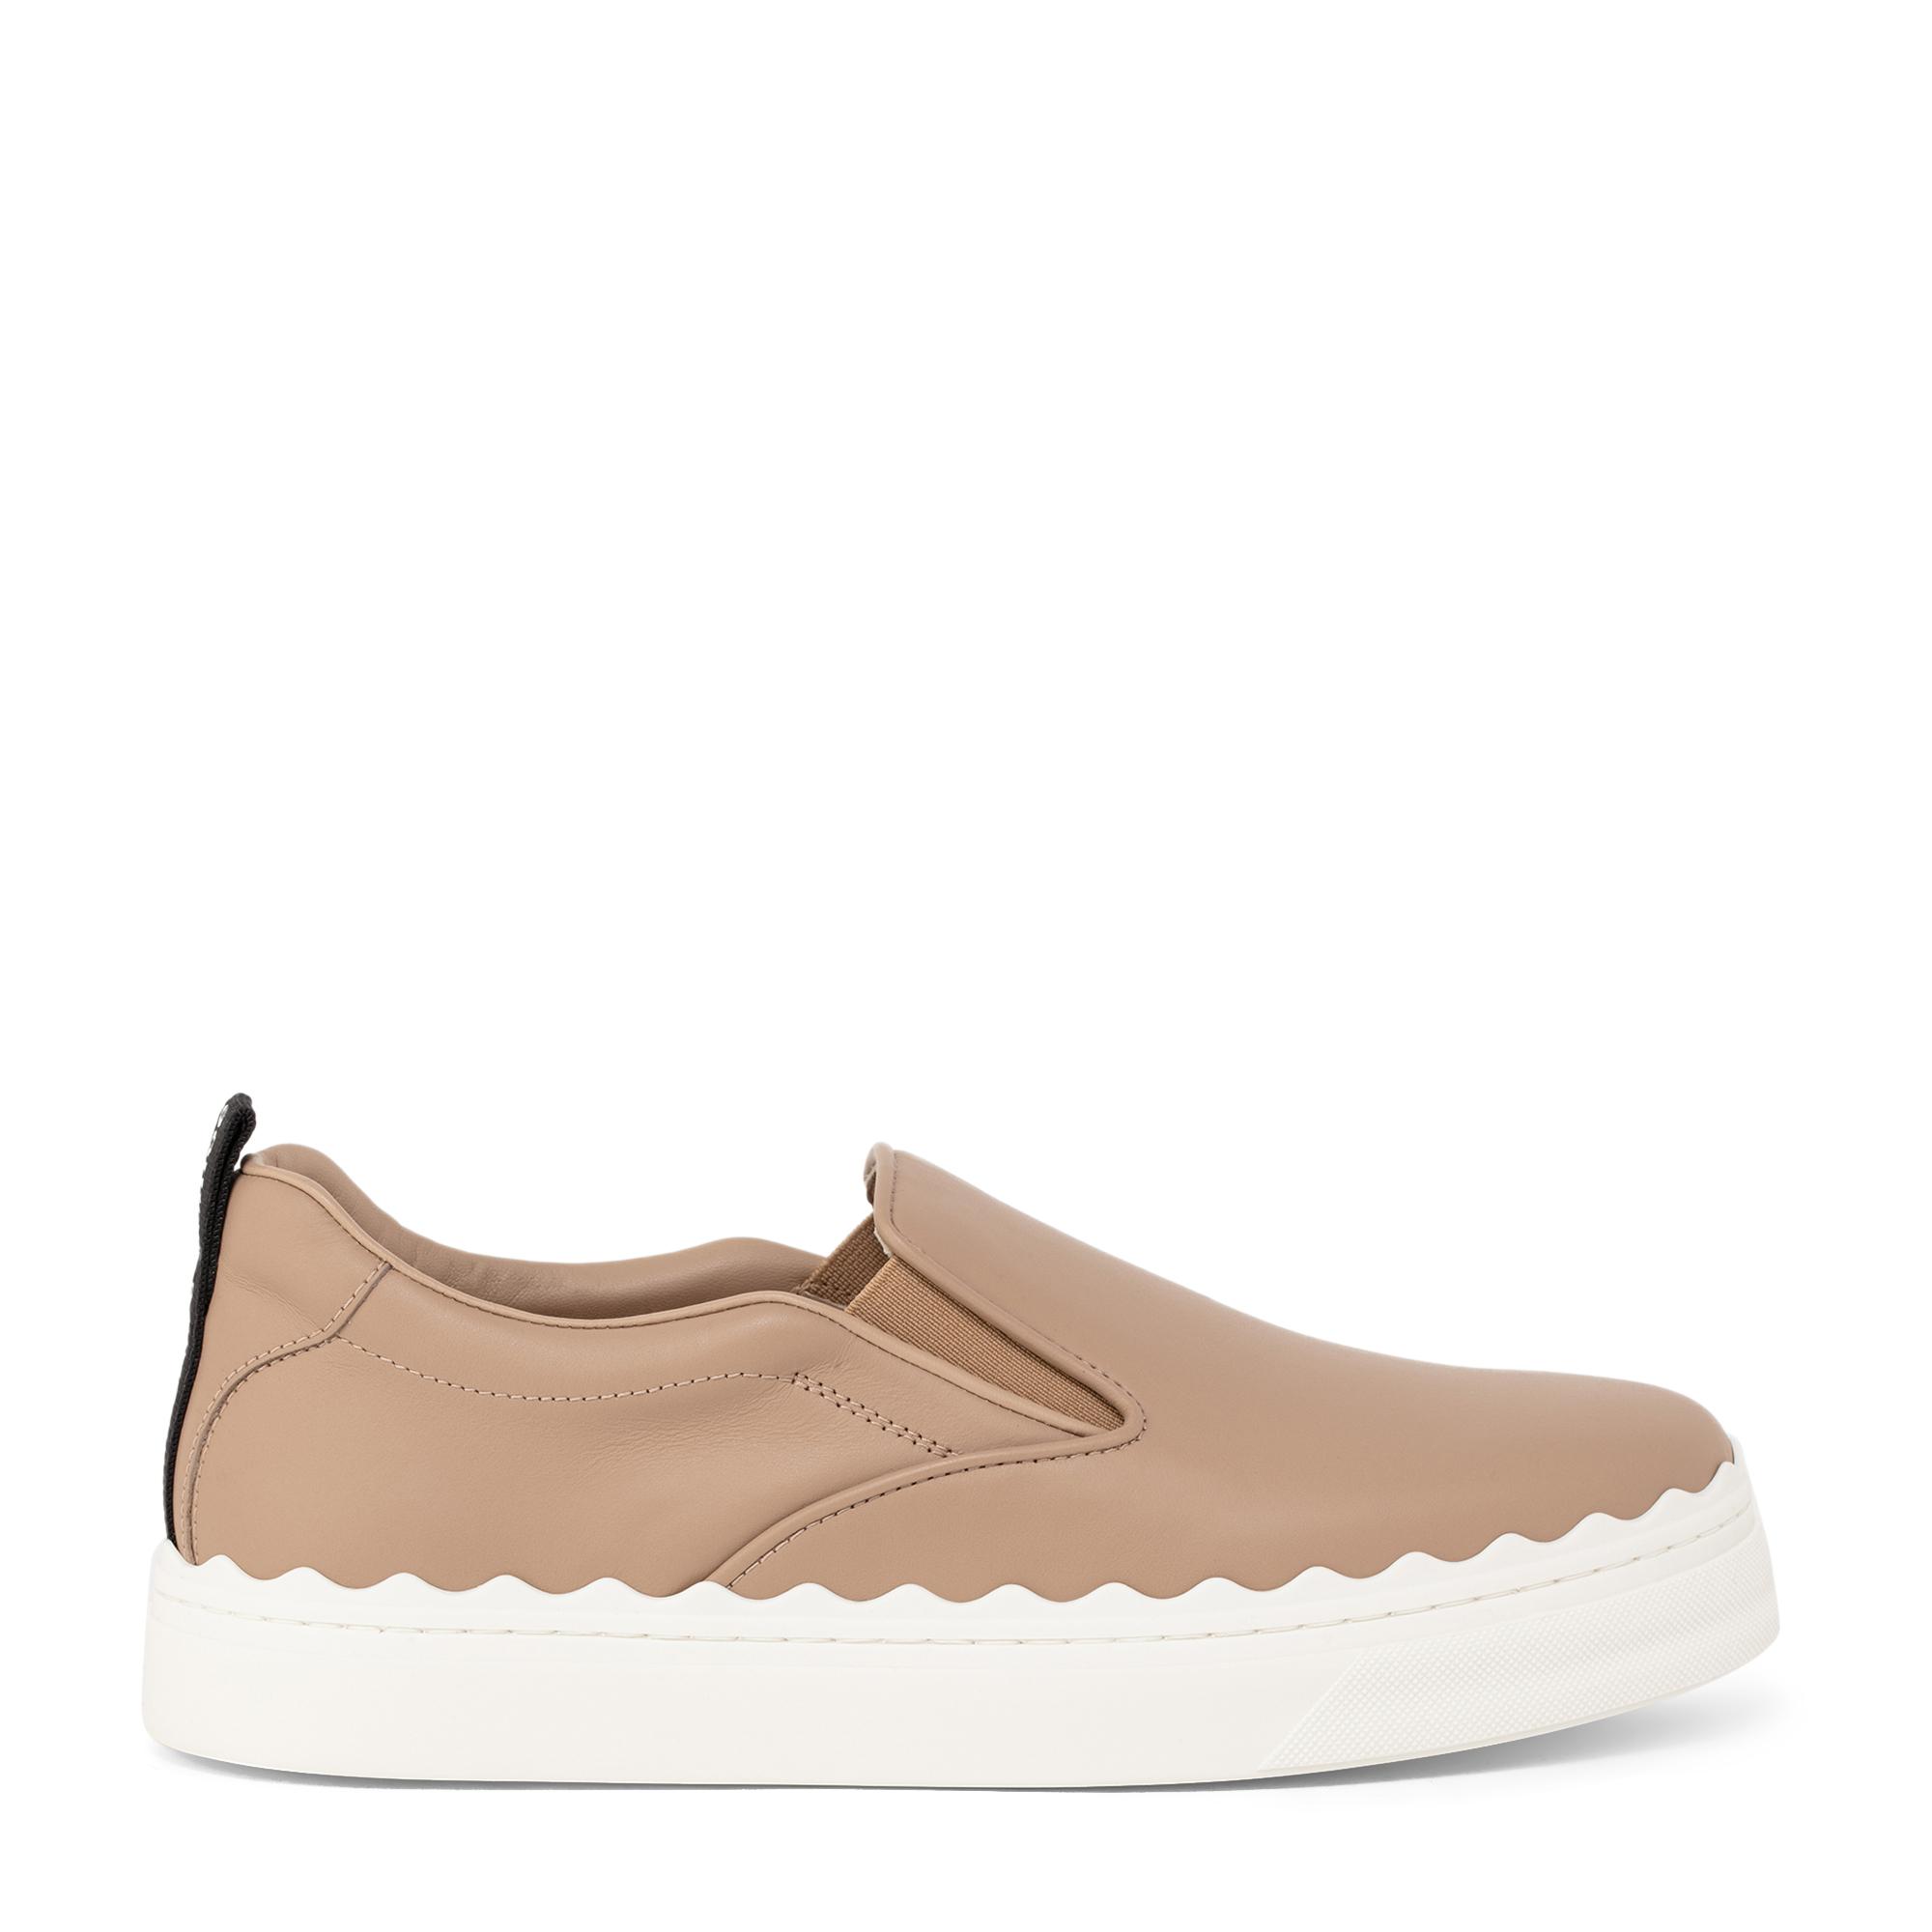 Lauren slip-on sneakers